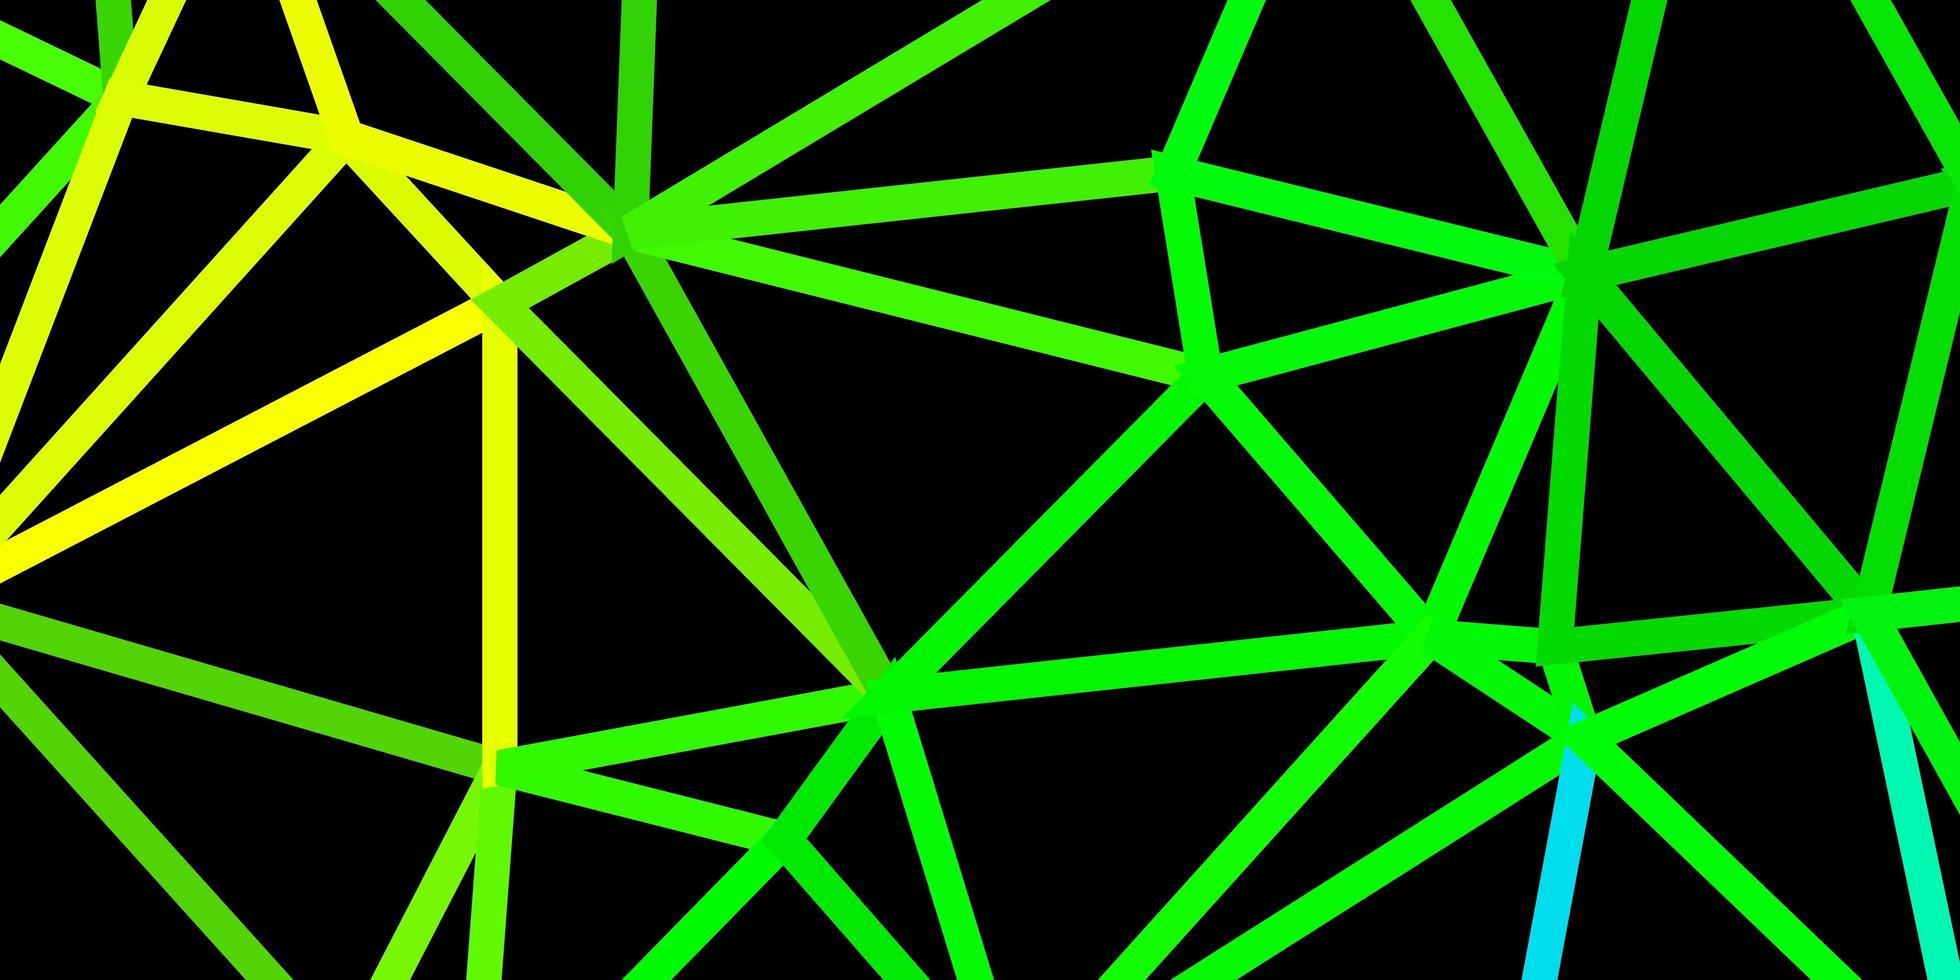 donkerblauw, groen vector abstract driehoeksjabloon.